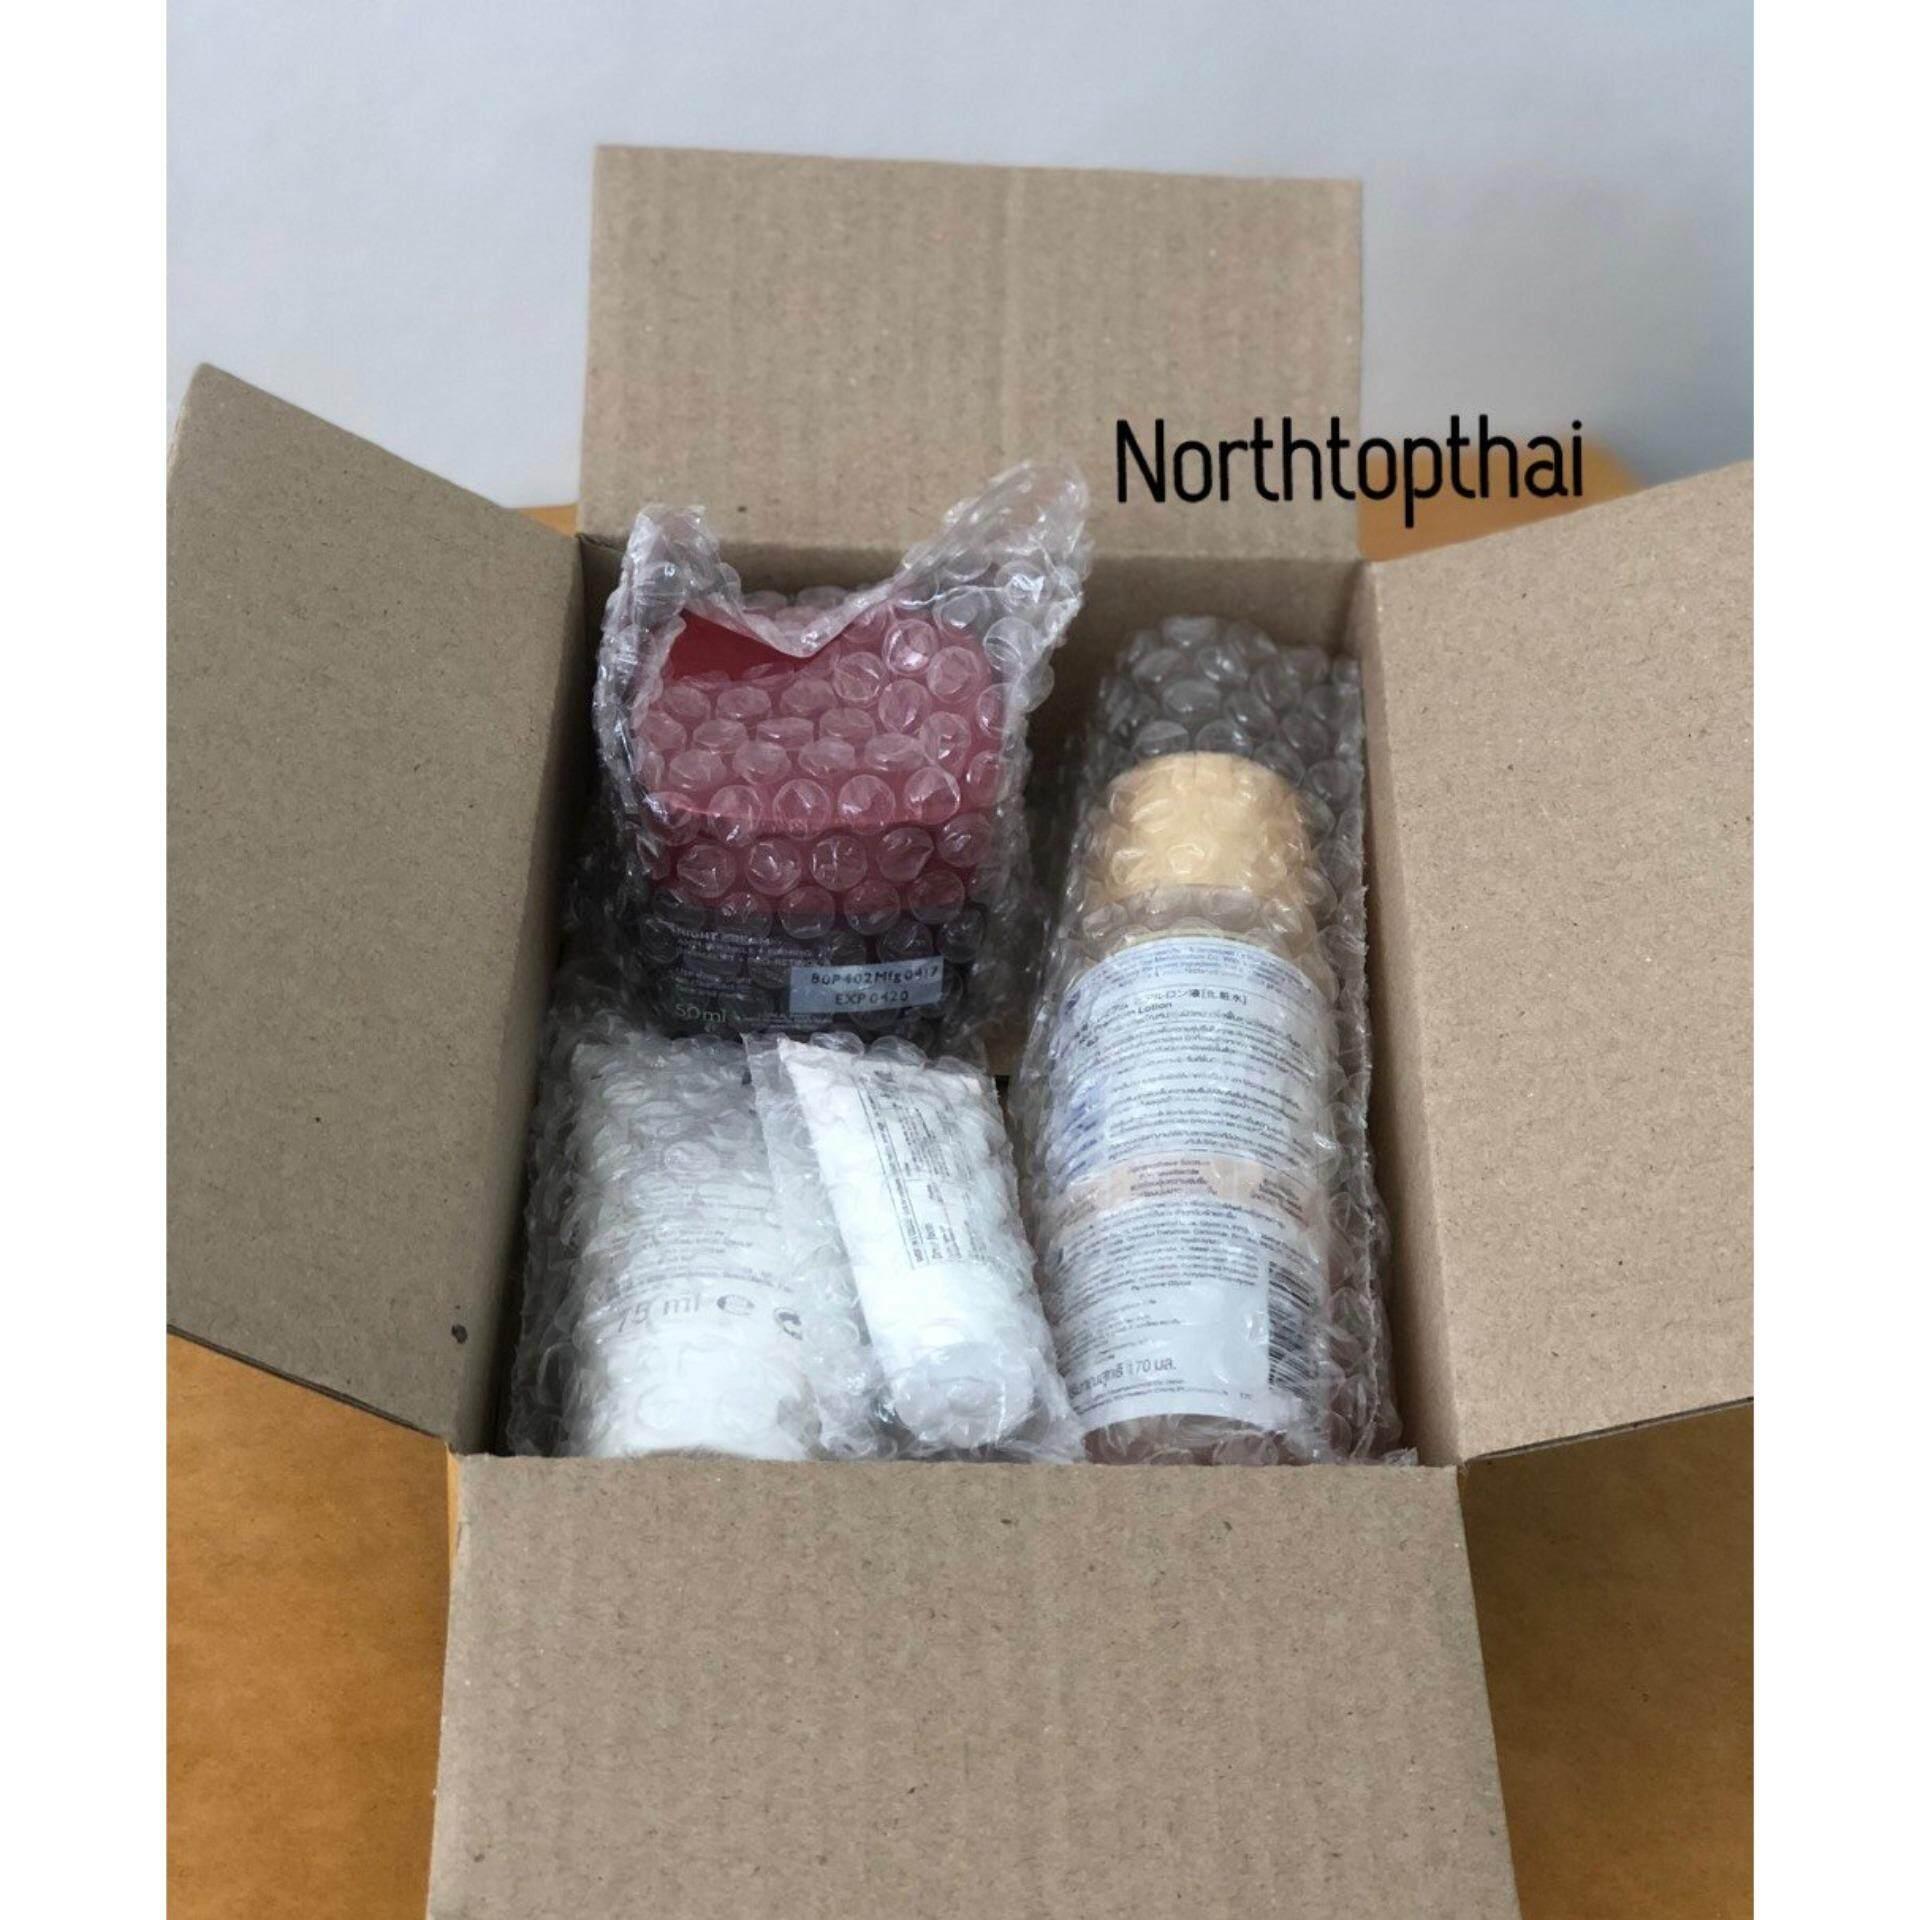 ซื้อ Air Bubble Bag ขนาด 18X28 7 Cm จำนวน 100 ซองต่อแพ็ค แอร์บับเบิ้ล พลาสติกกันกระแทก พลาสติกห่อหุ้มของ Bubble